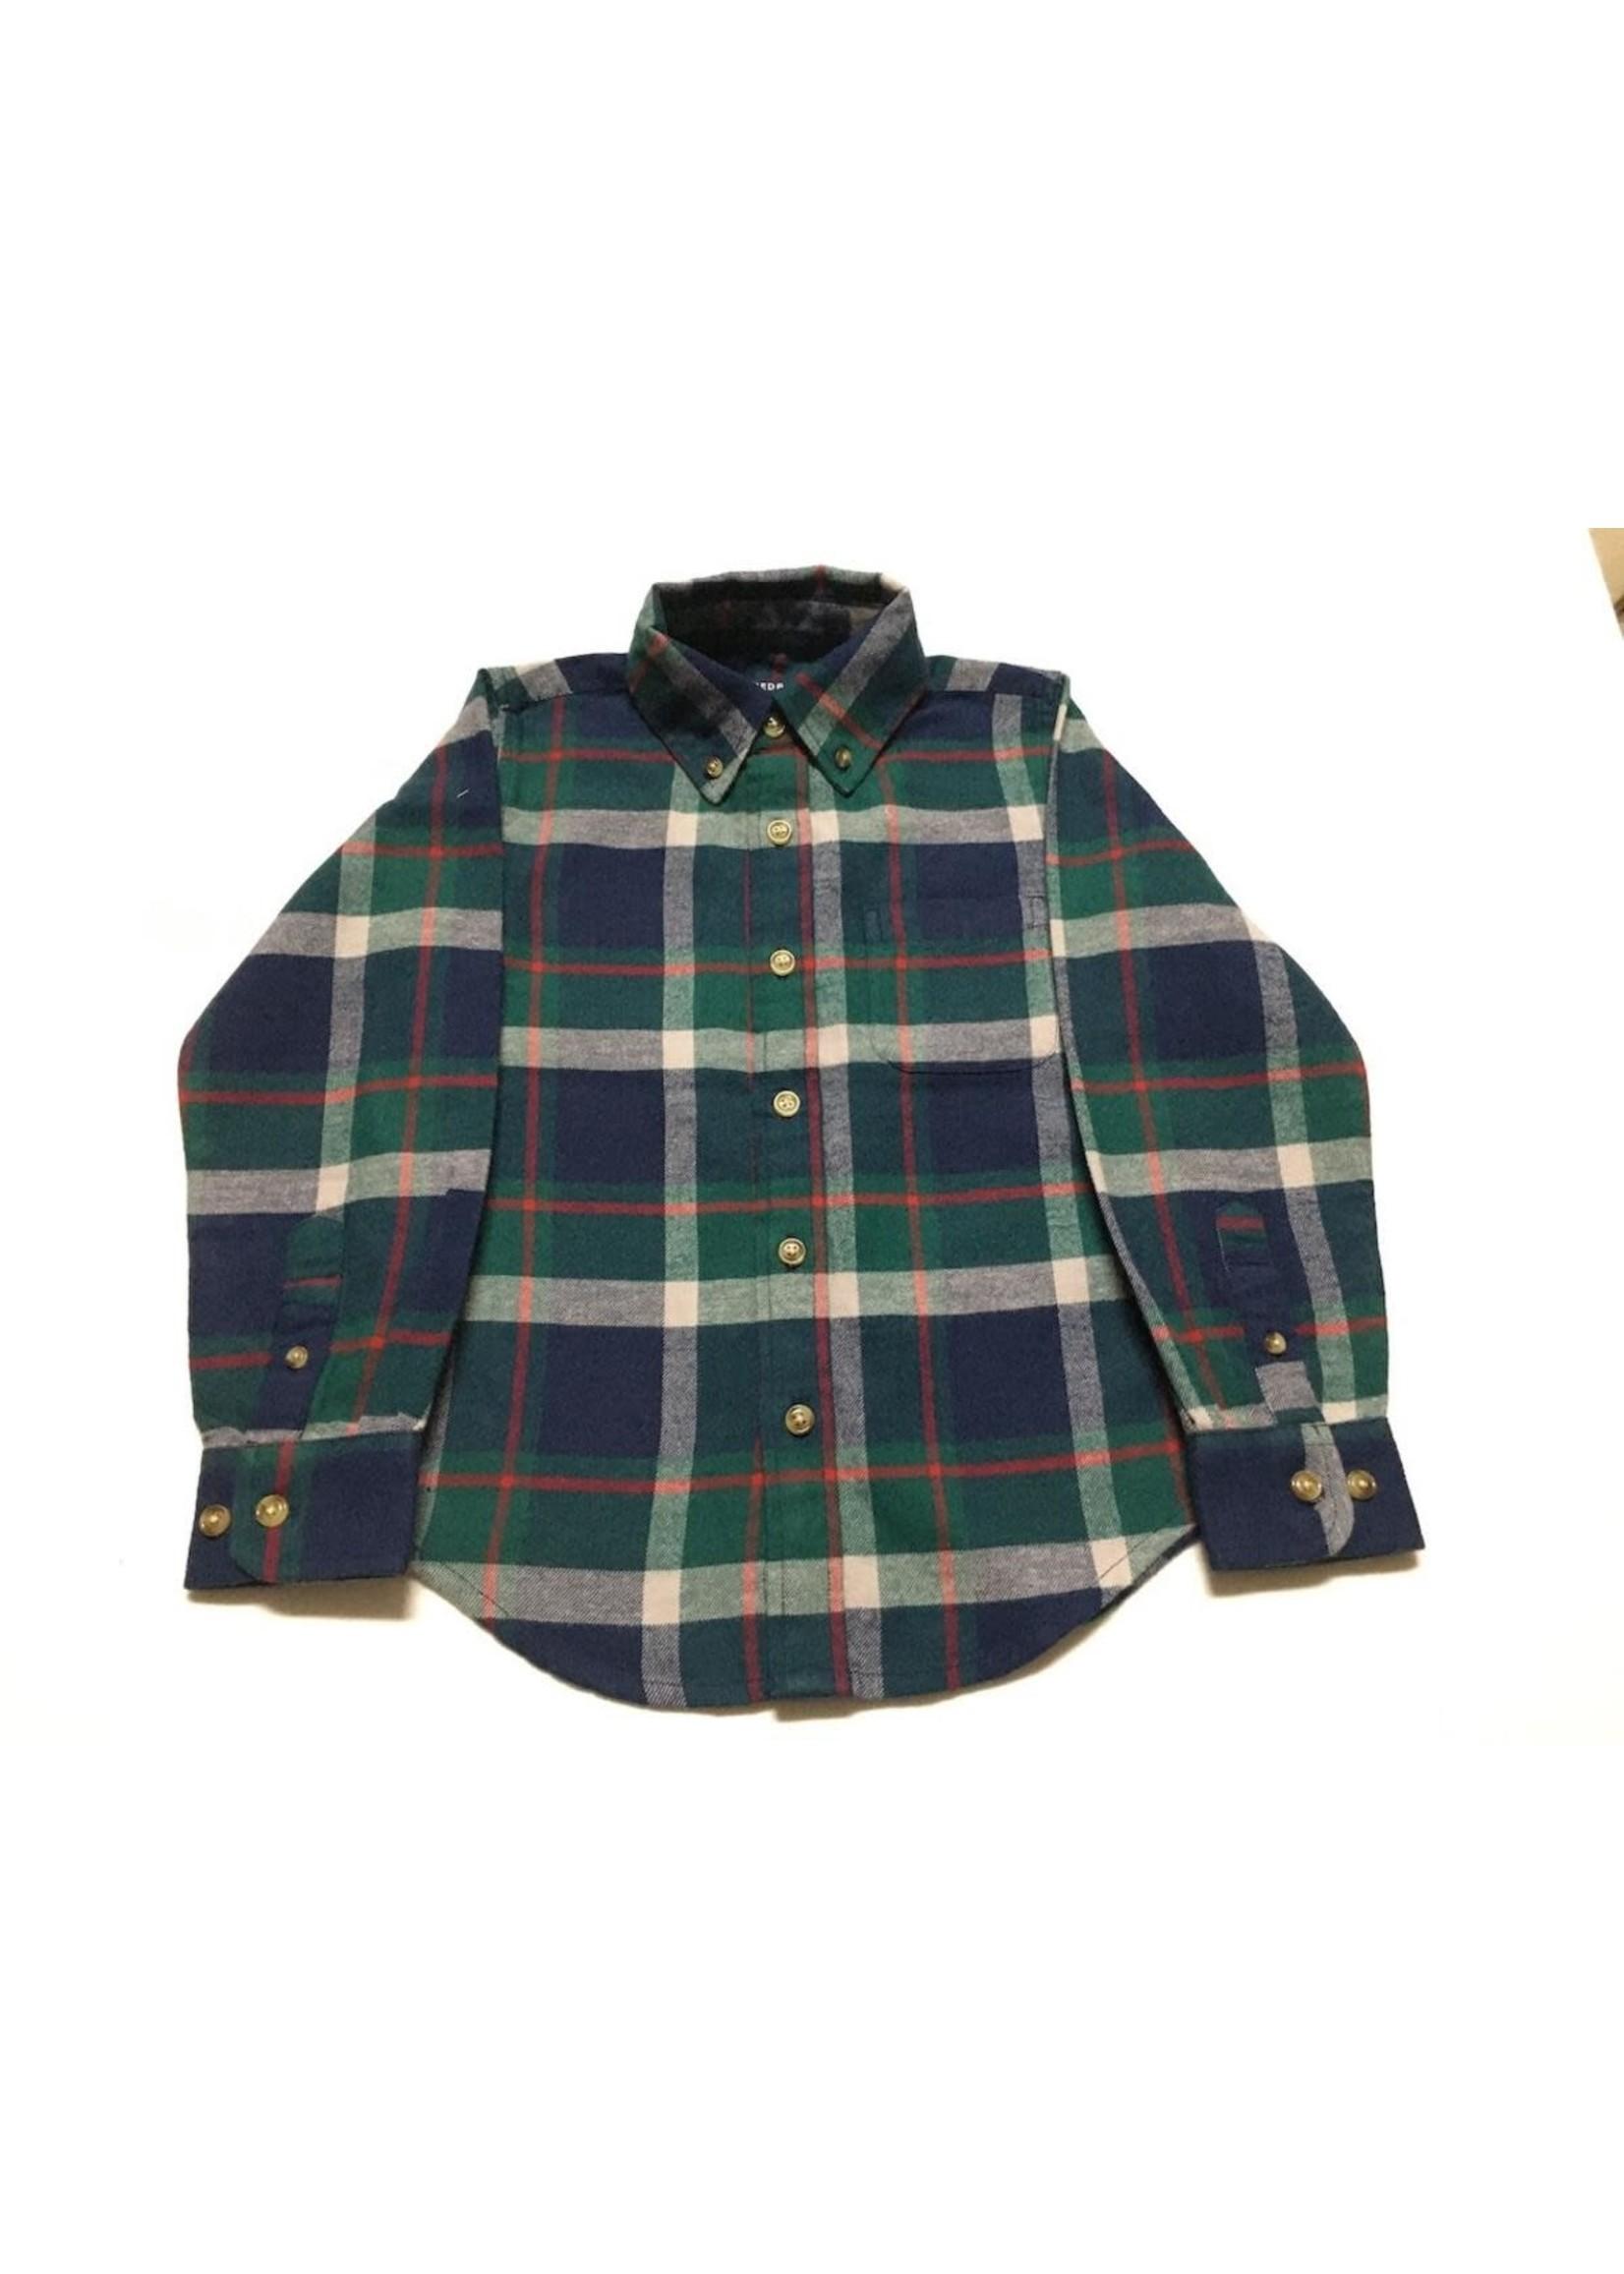 Pedal Pedal plaid shirt